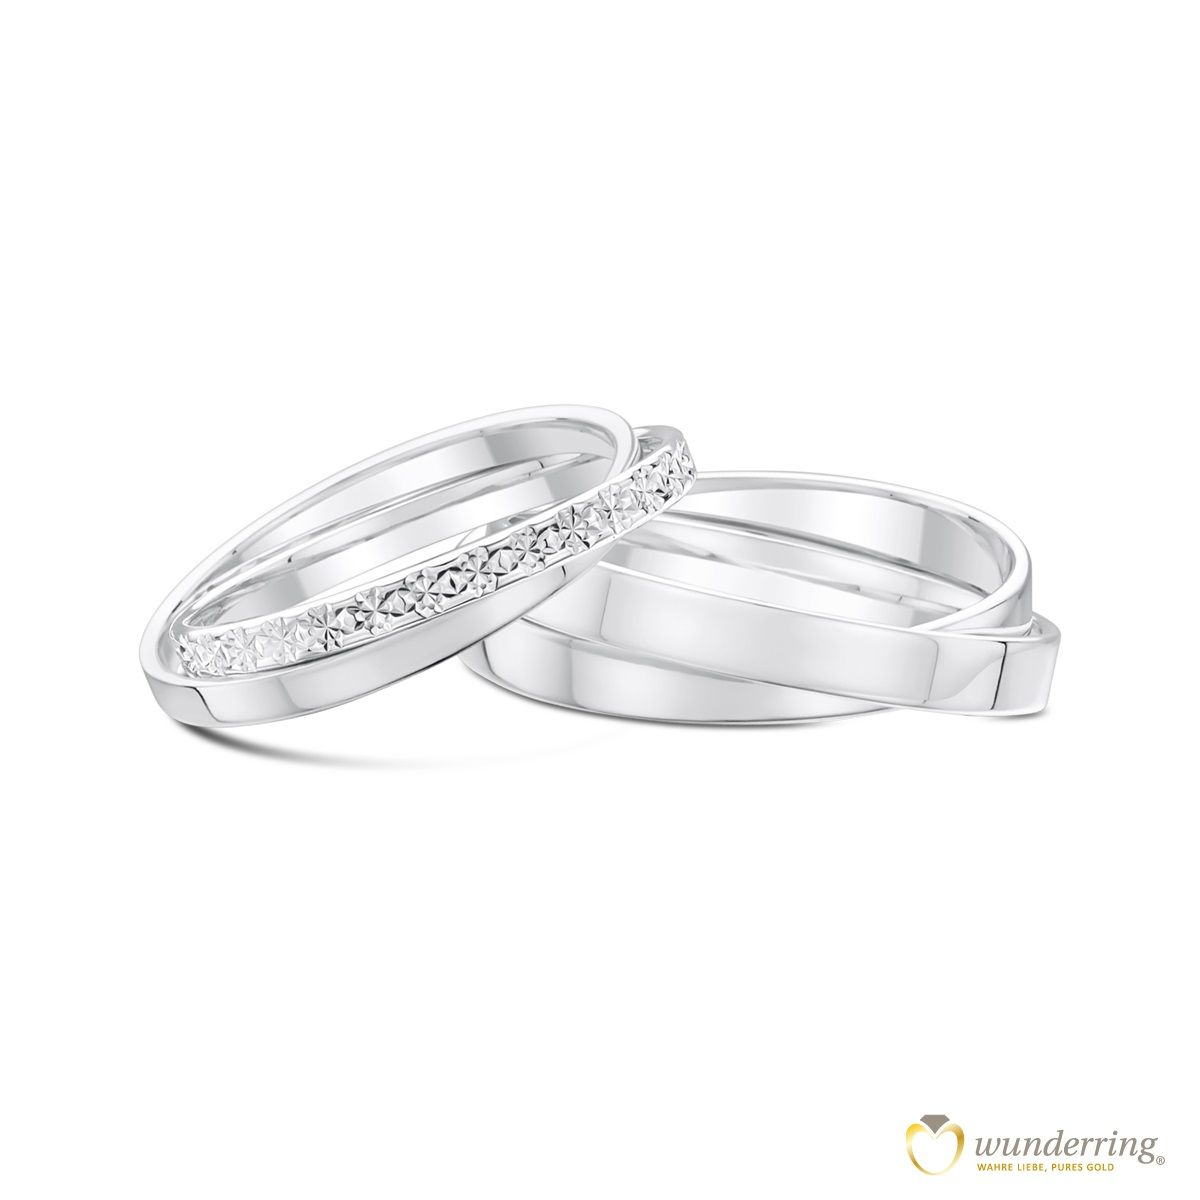 Zwei Ringe Sind Ineinander Verschlungen Eine Wundervolle Symbolik